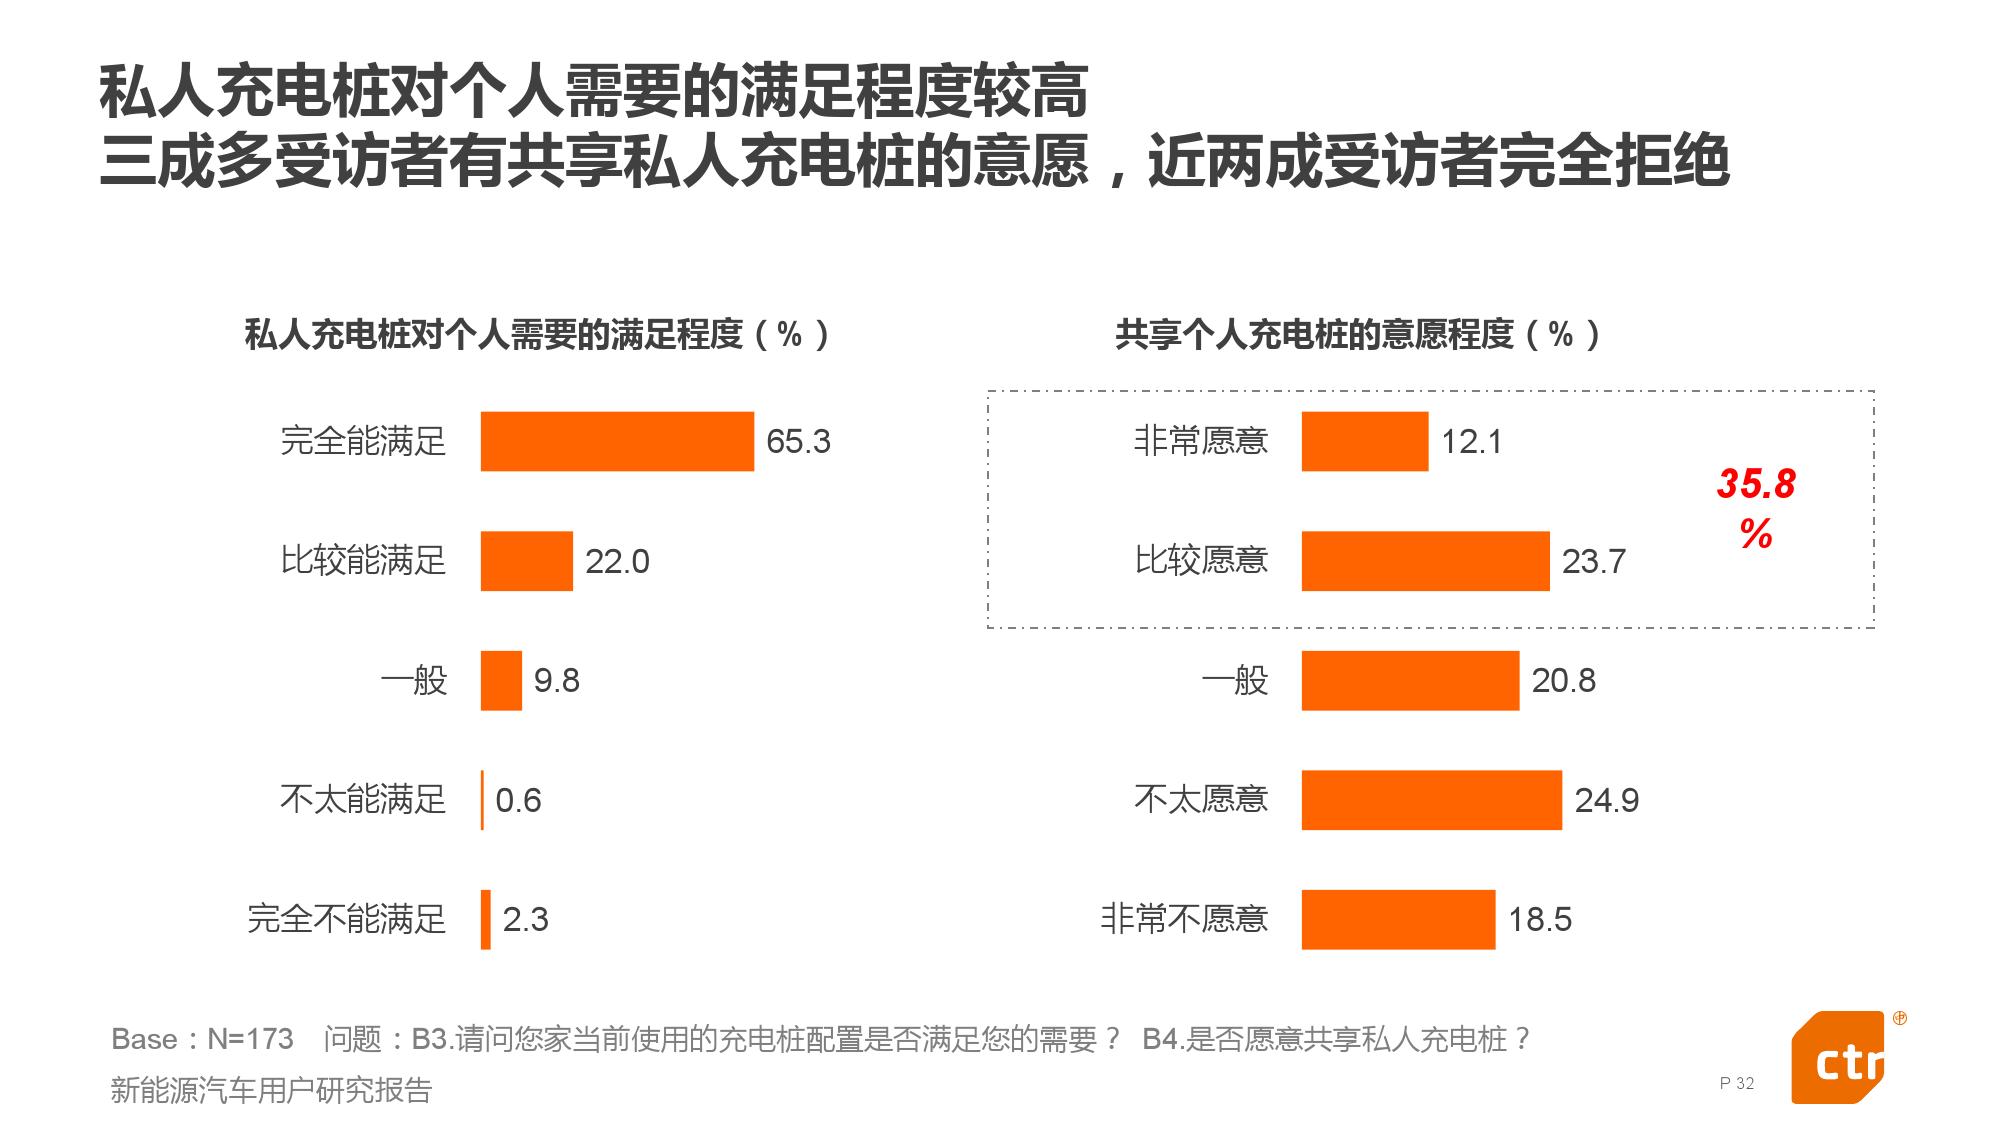 新能源汽车用户研究报告_000032